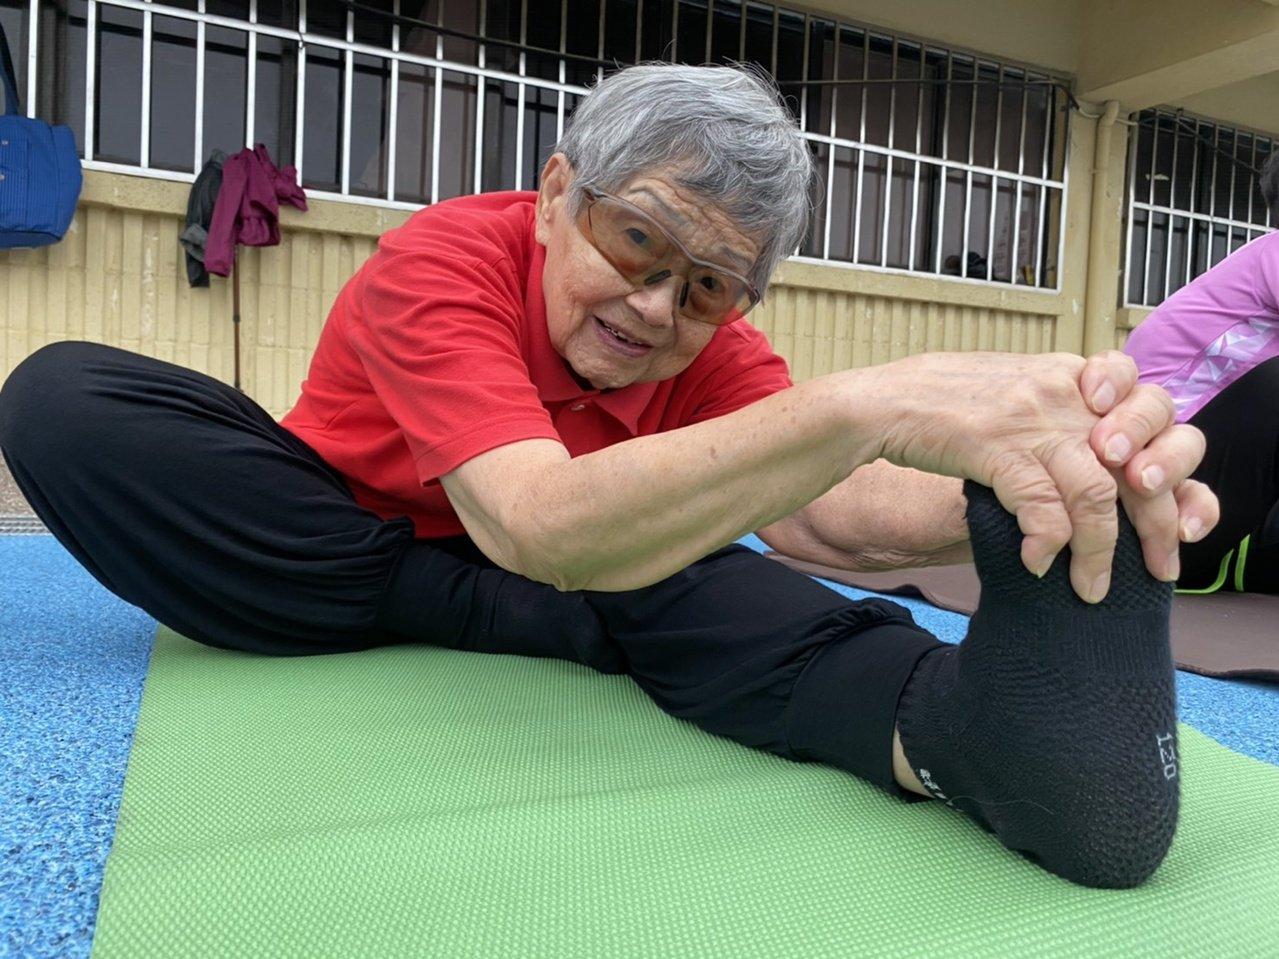 93歲的謝滿阿嬤,做起瑜伽,展現肢體軟Q的模樣,令人折服不已。 圖/劉明岩 攝影